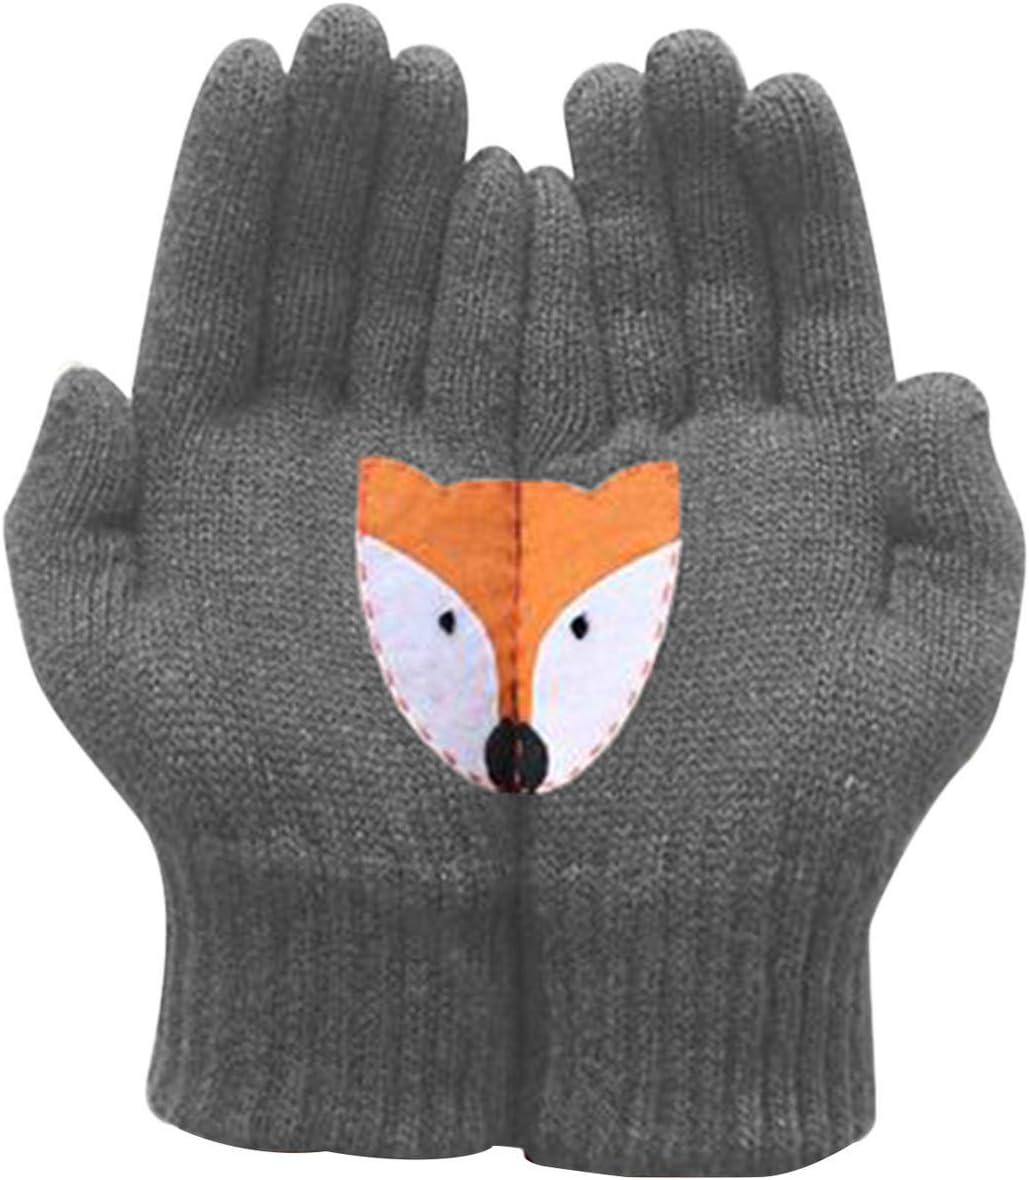 JIARY Fox Patchwrok Ladies Woolen Gloves Autumn Winter Outdoor Warm Printed Gloves Female Crochet Thicken,Dark Gray